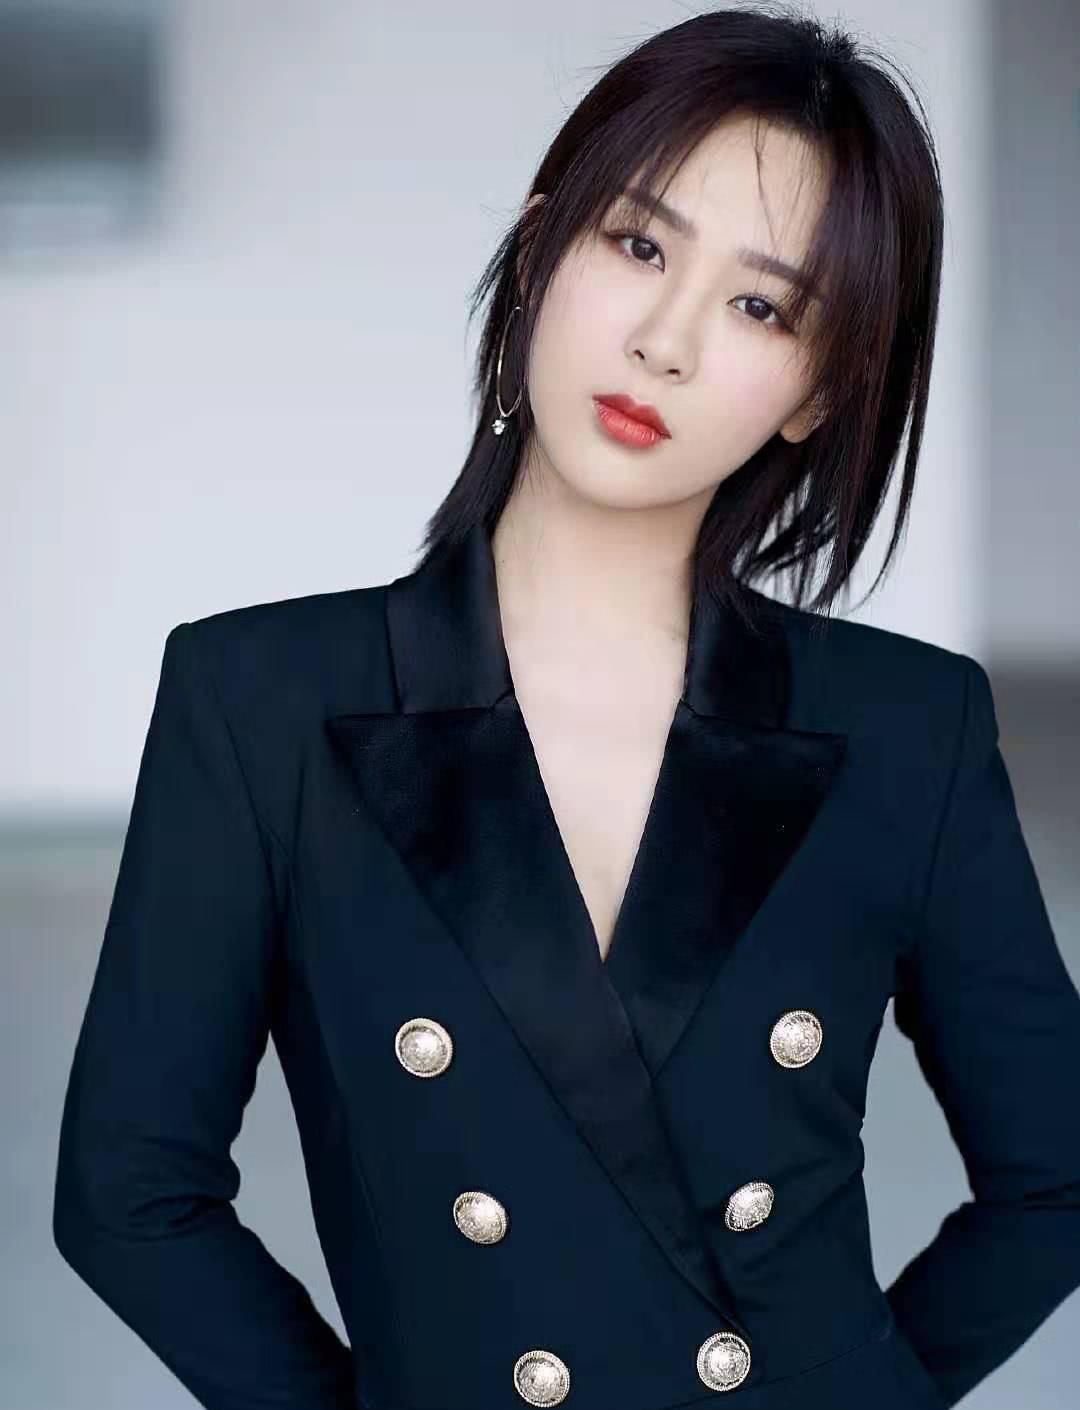 杨紫着连体西装现身,飒爽帅气,大玩霸道总裁风,李现能不投降吗